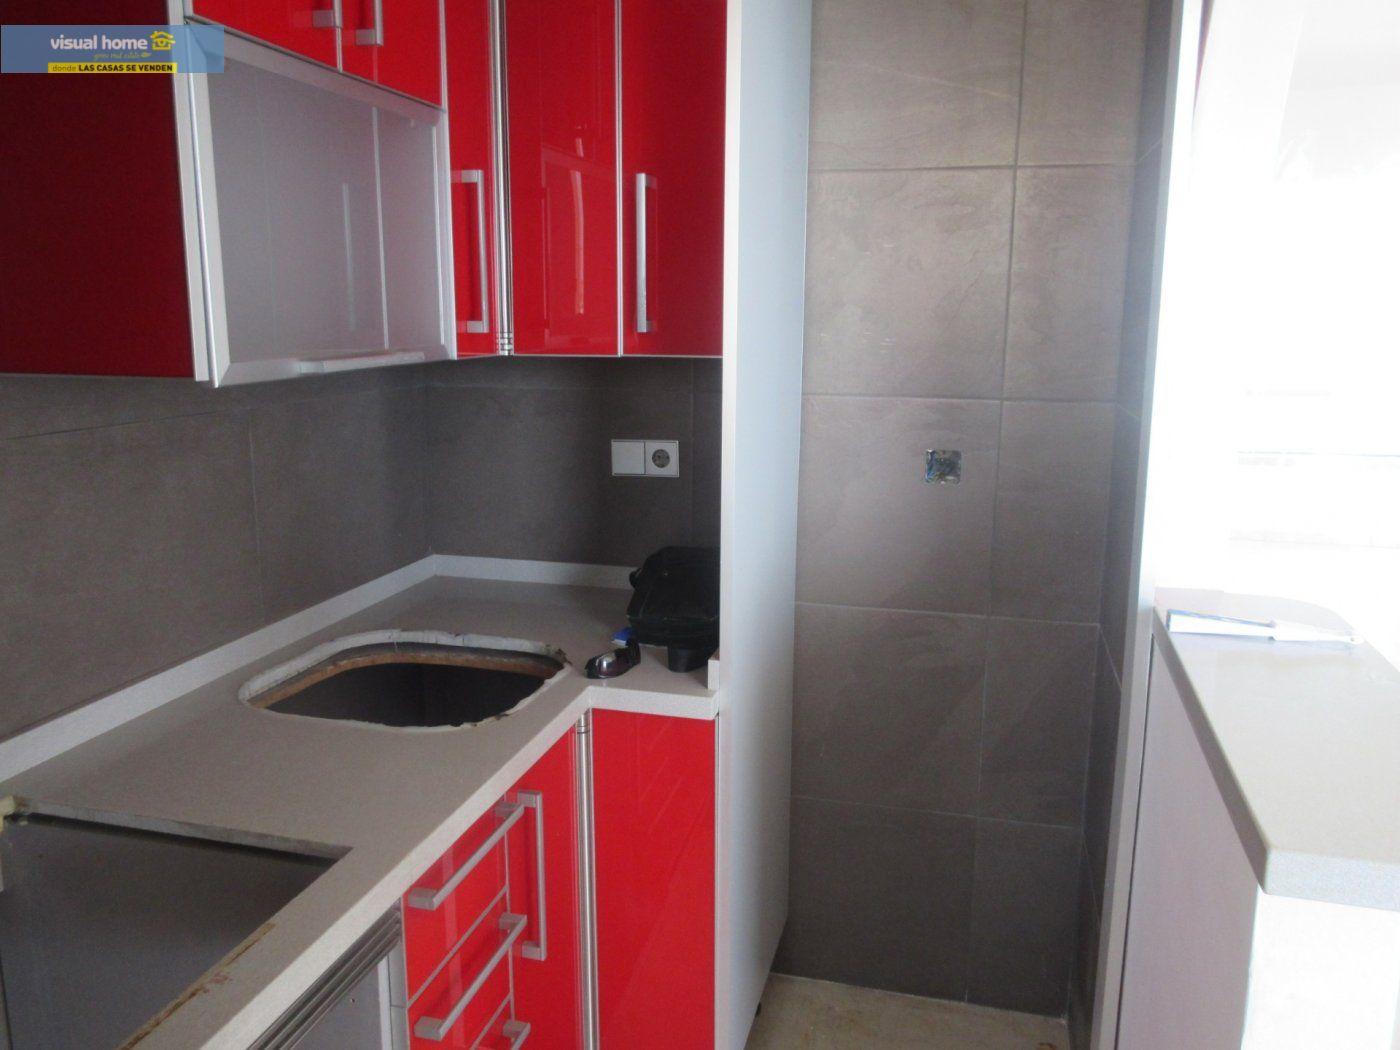 Apartamento de 1 dormitorio con espectaculares vistas  en 1ª linea de playa con parking y piscina 27